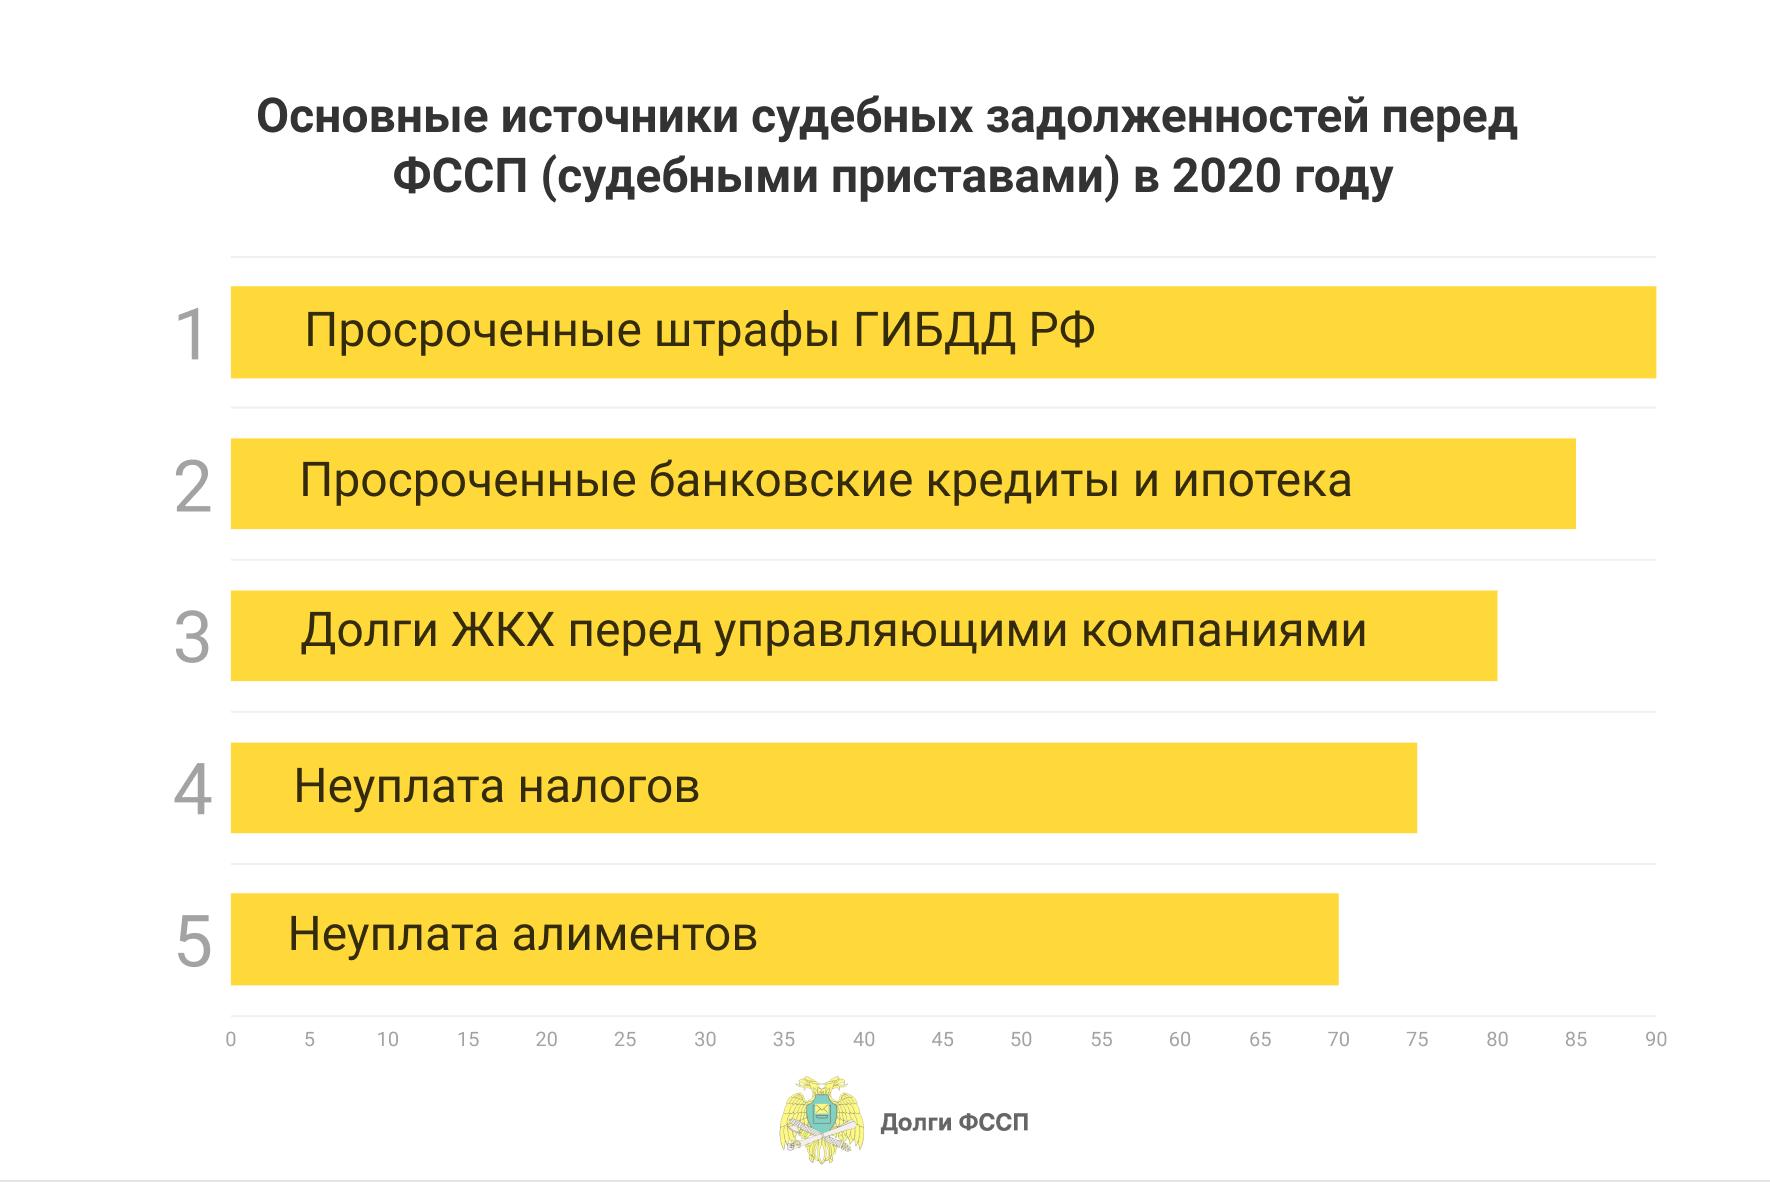 какие долги переходят судебным приставам в фссп в 2020 году?